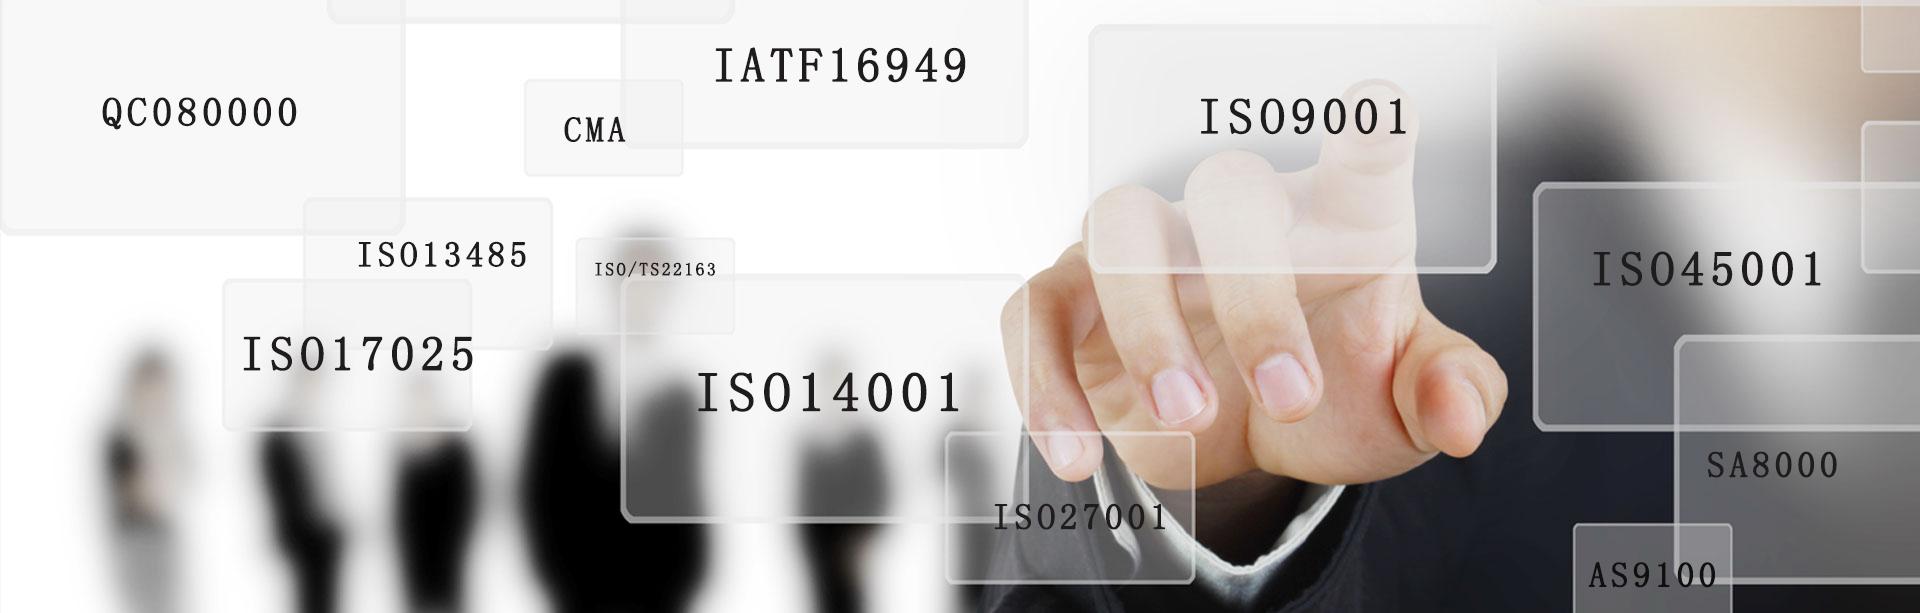 IATF16949美高梅平台官方网址工业质量管理系统